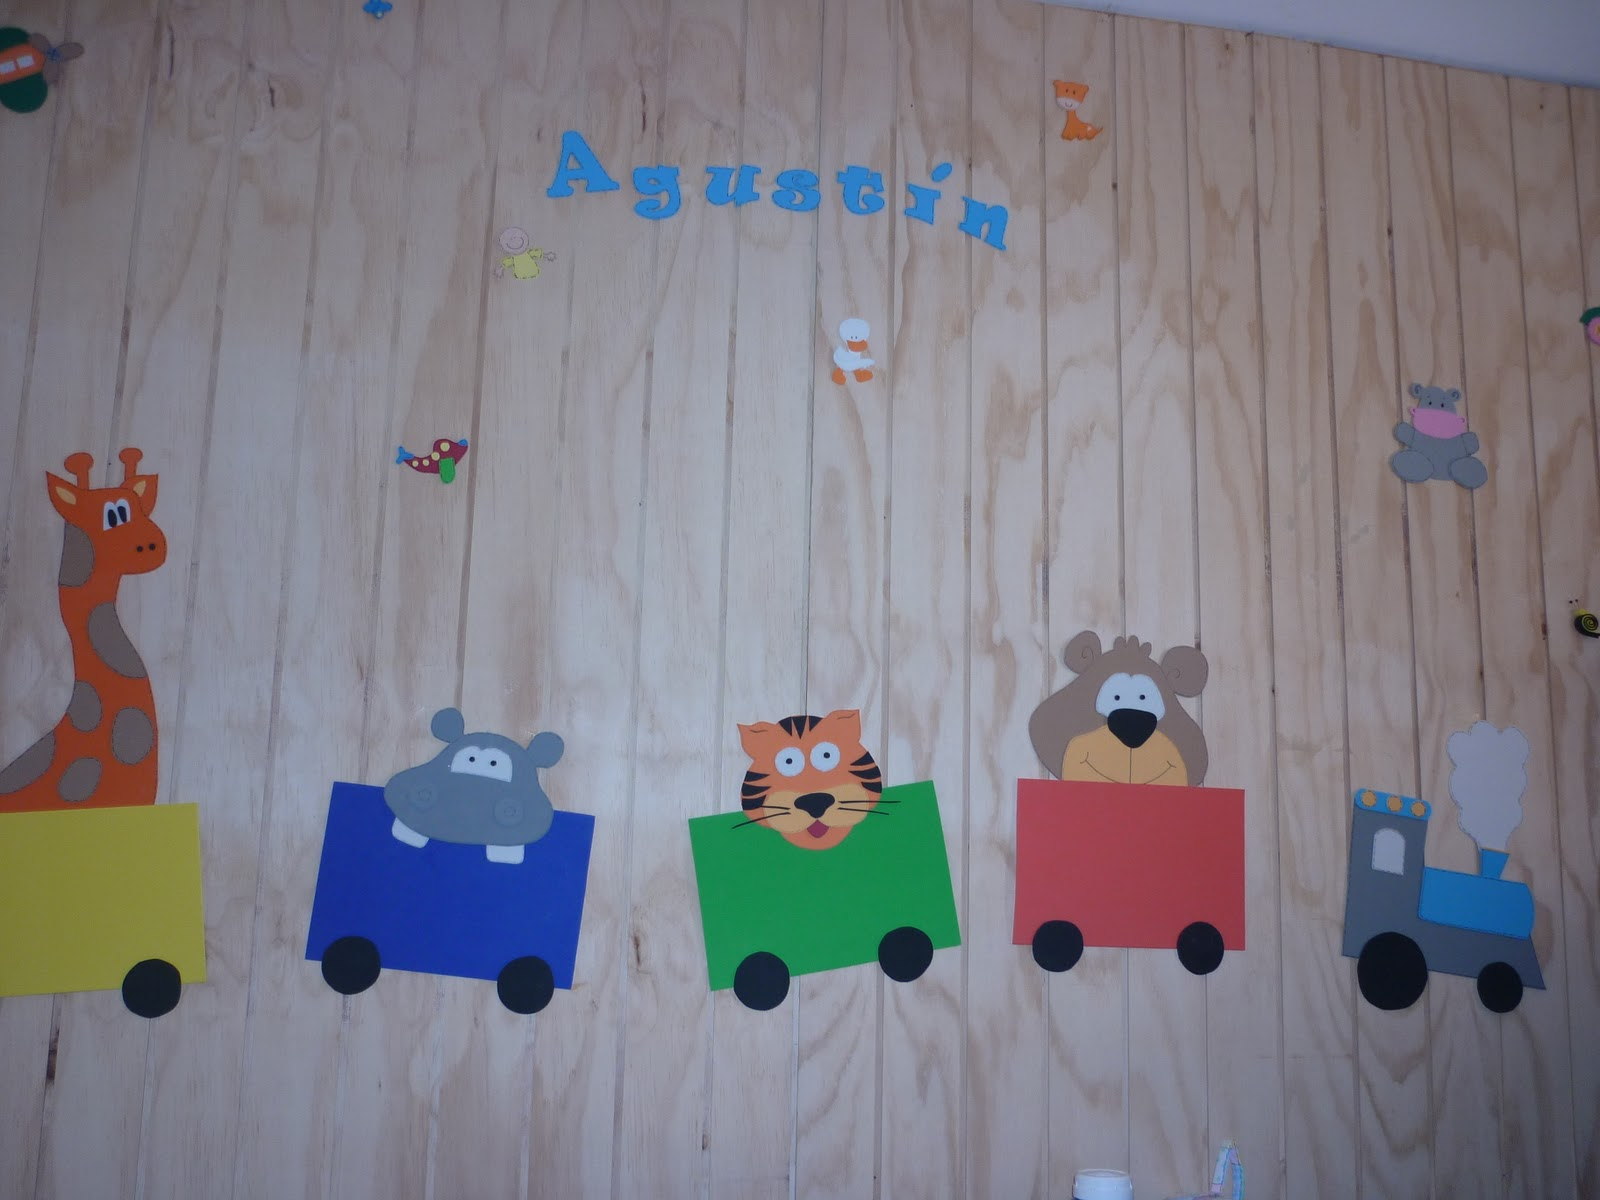 decoraciones para bautizos echas con goma decoraciones infantiles figuras en goma decoraciones para bautizos echas con goma decoraciones infantiles figuras en goma